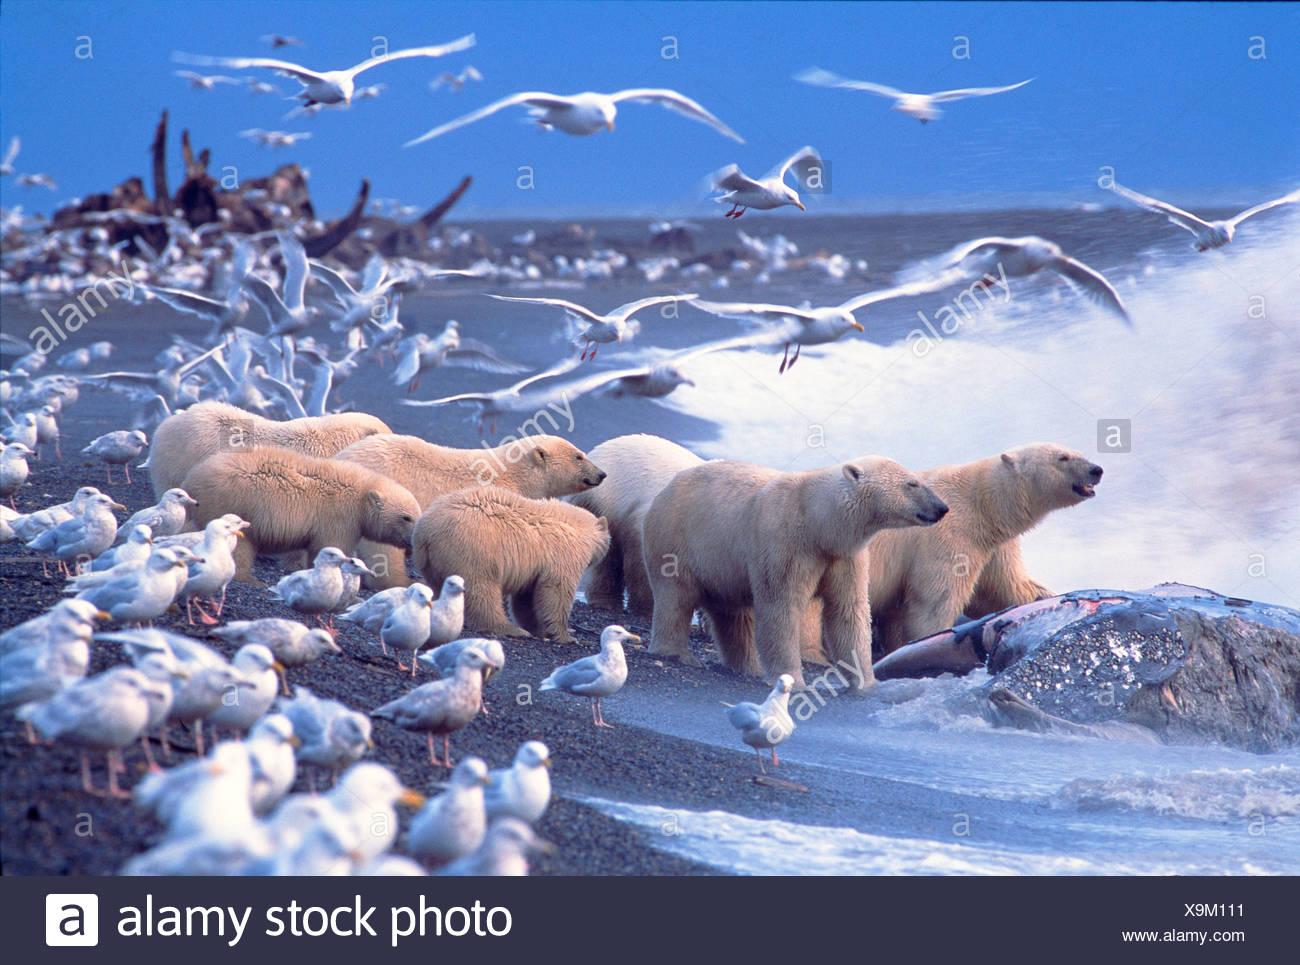 Los osos polares (Ursus maritimus) se reúnen en torno a la Ballena Gris, rodeado de despojos Glaucas Gaviotas. La ladera norte de Alaska. Imagen De Stock